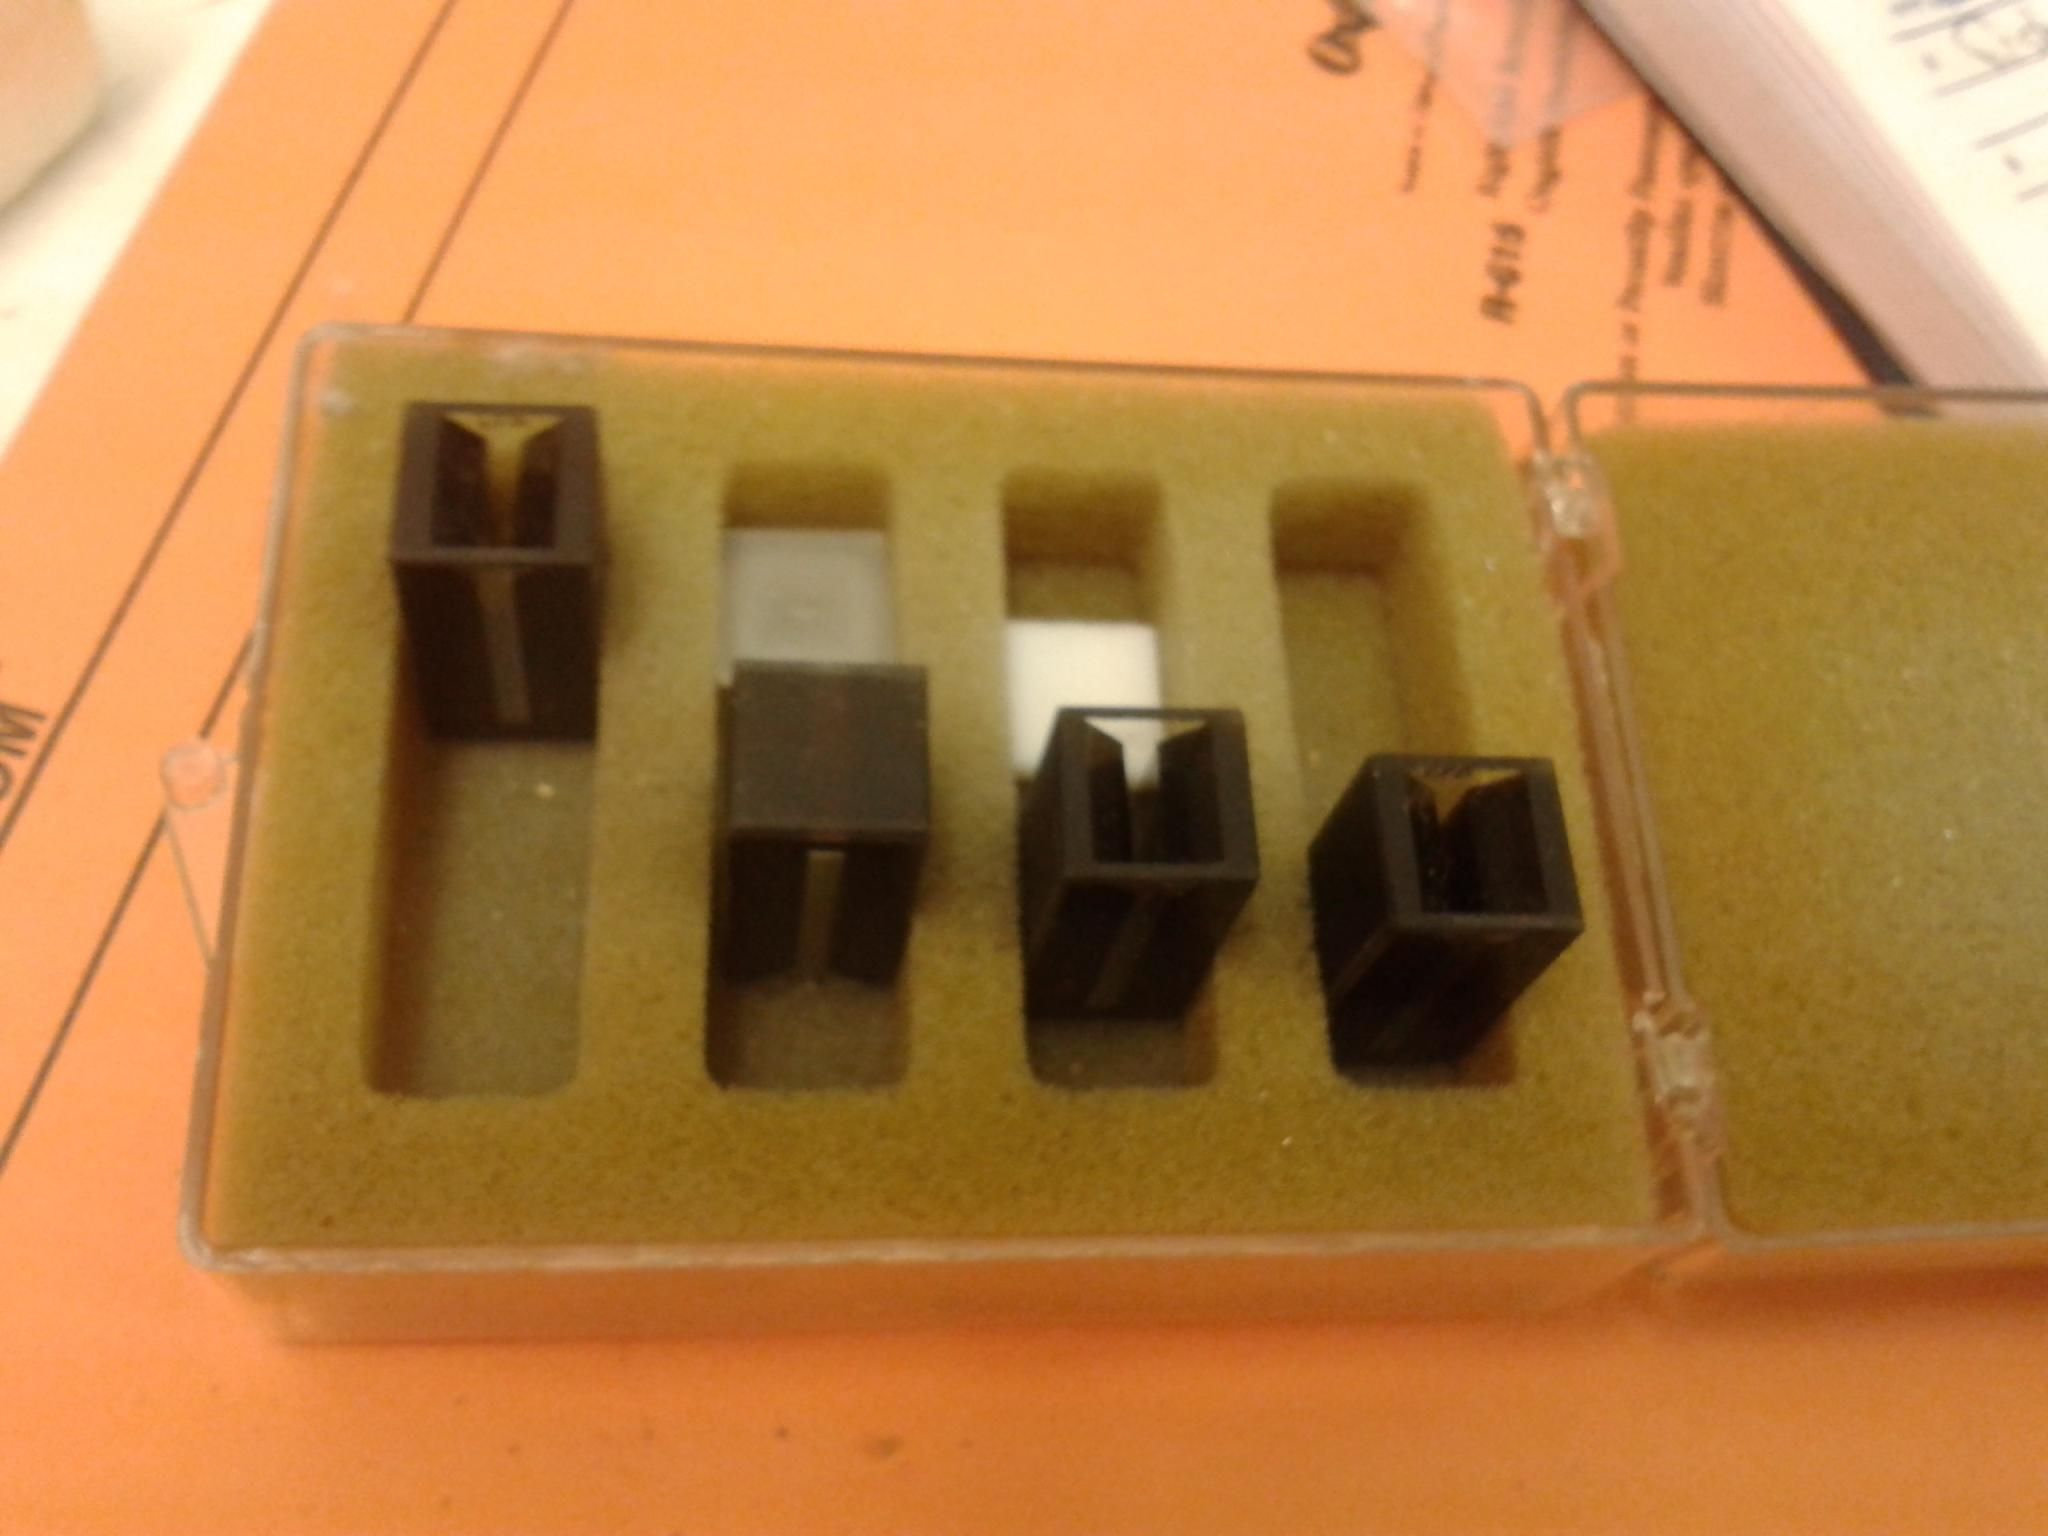 Set of 4 Mini- UV/vis Cuvette for Spectrophotometer